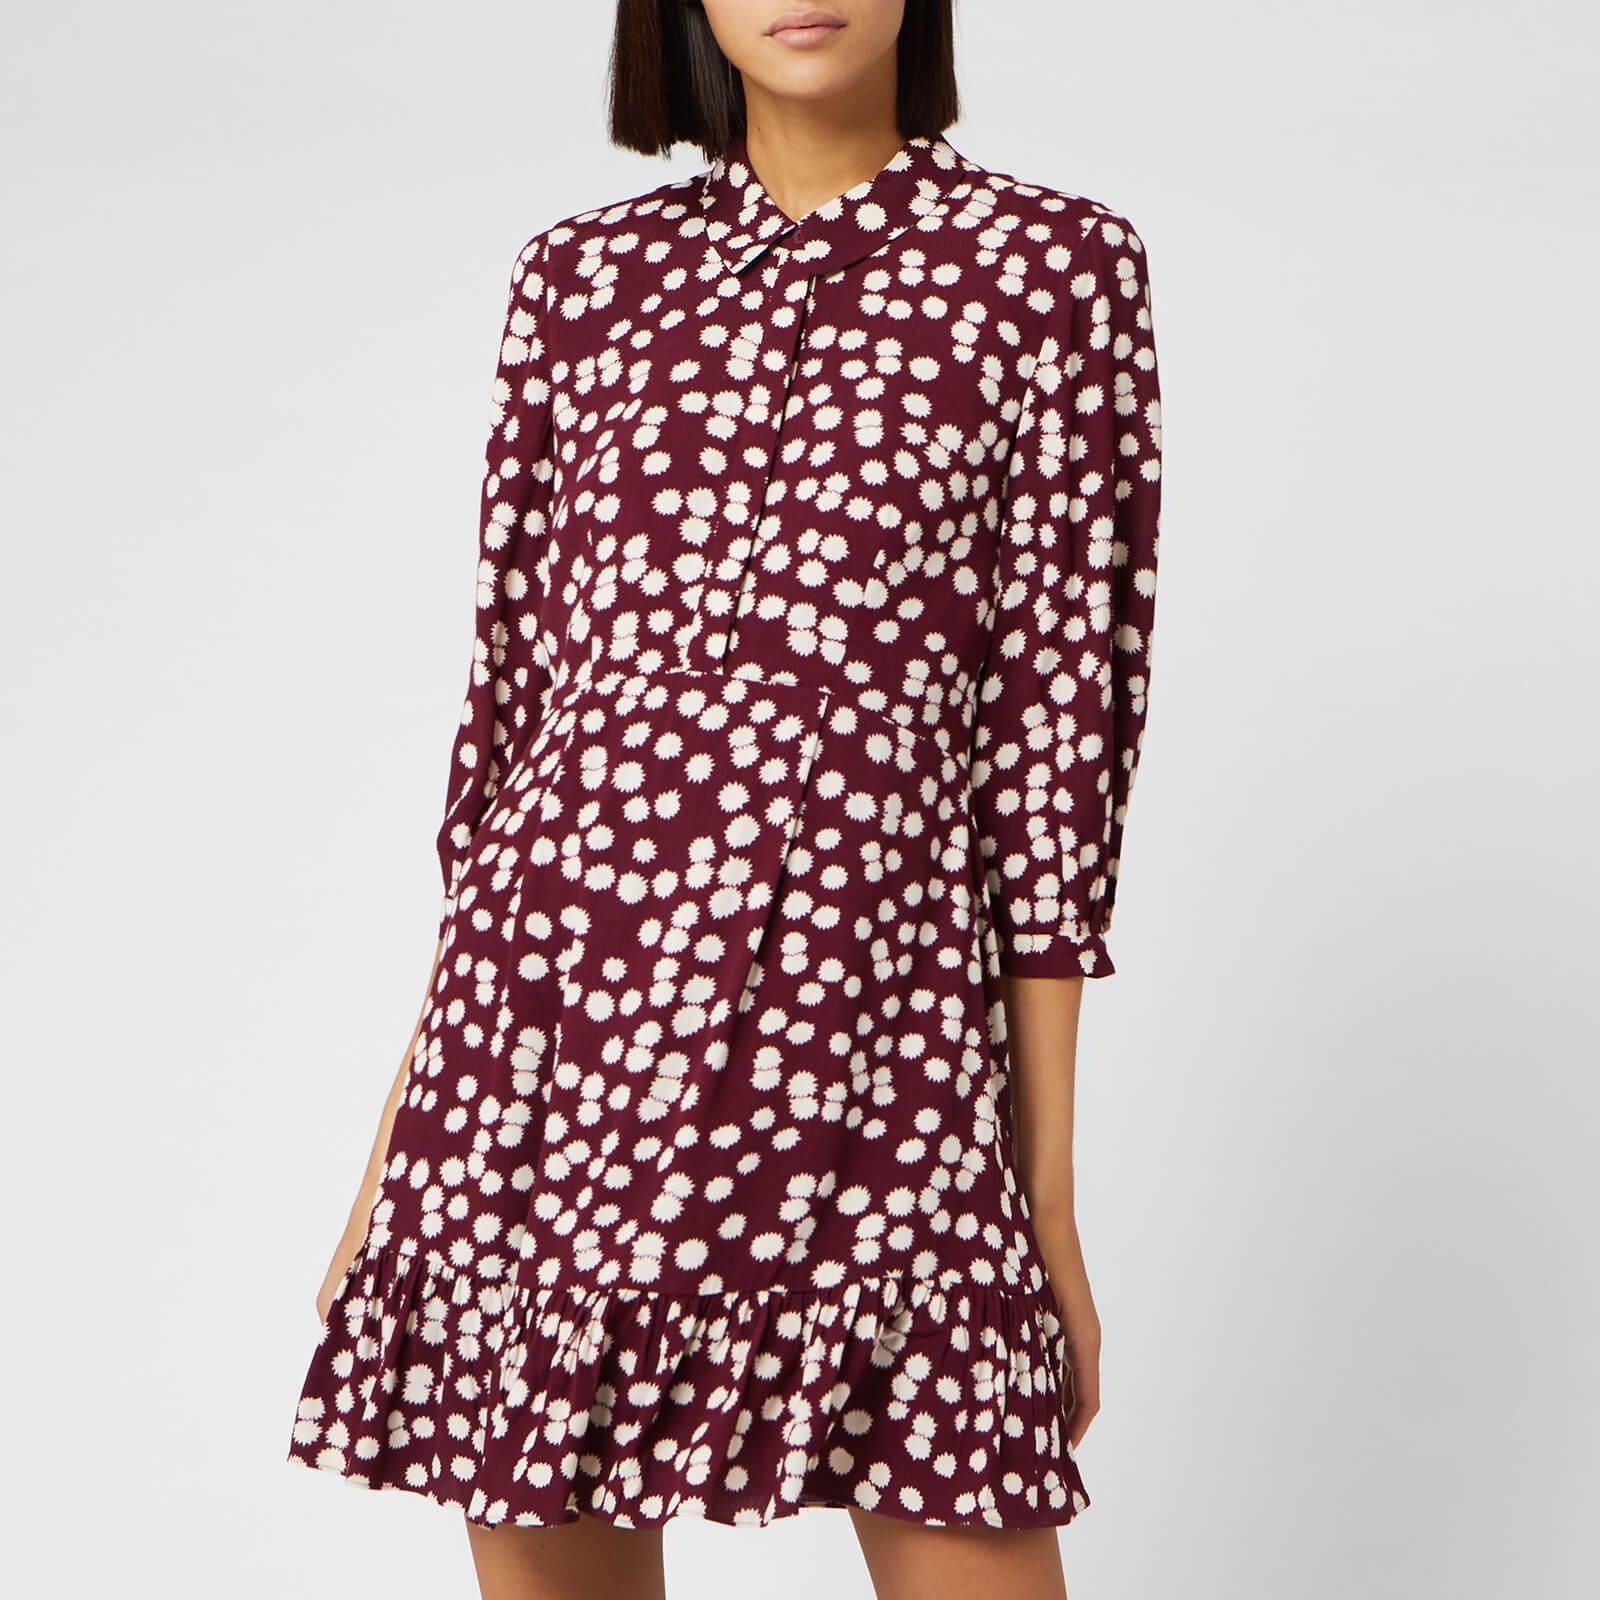 Whistles Women's Agata Illustrated Flower Dress - Burgundy - UK 6